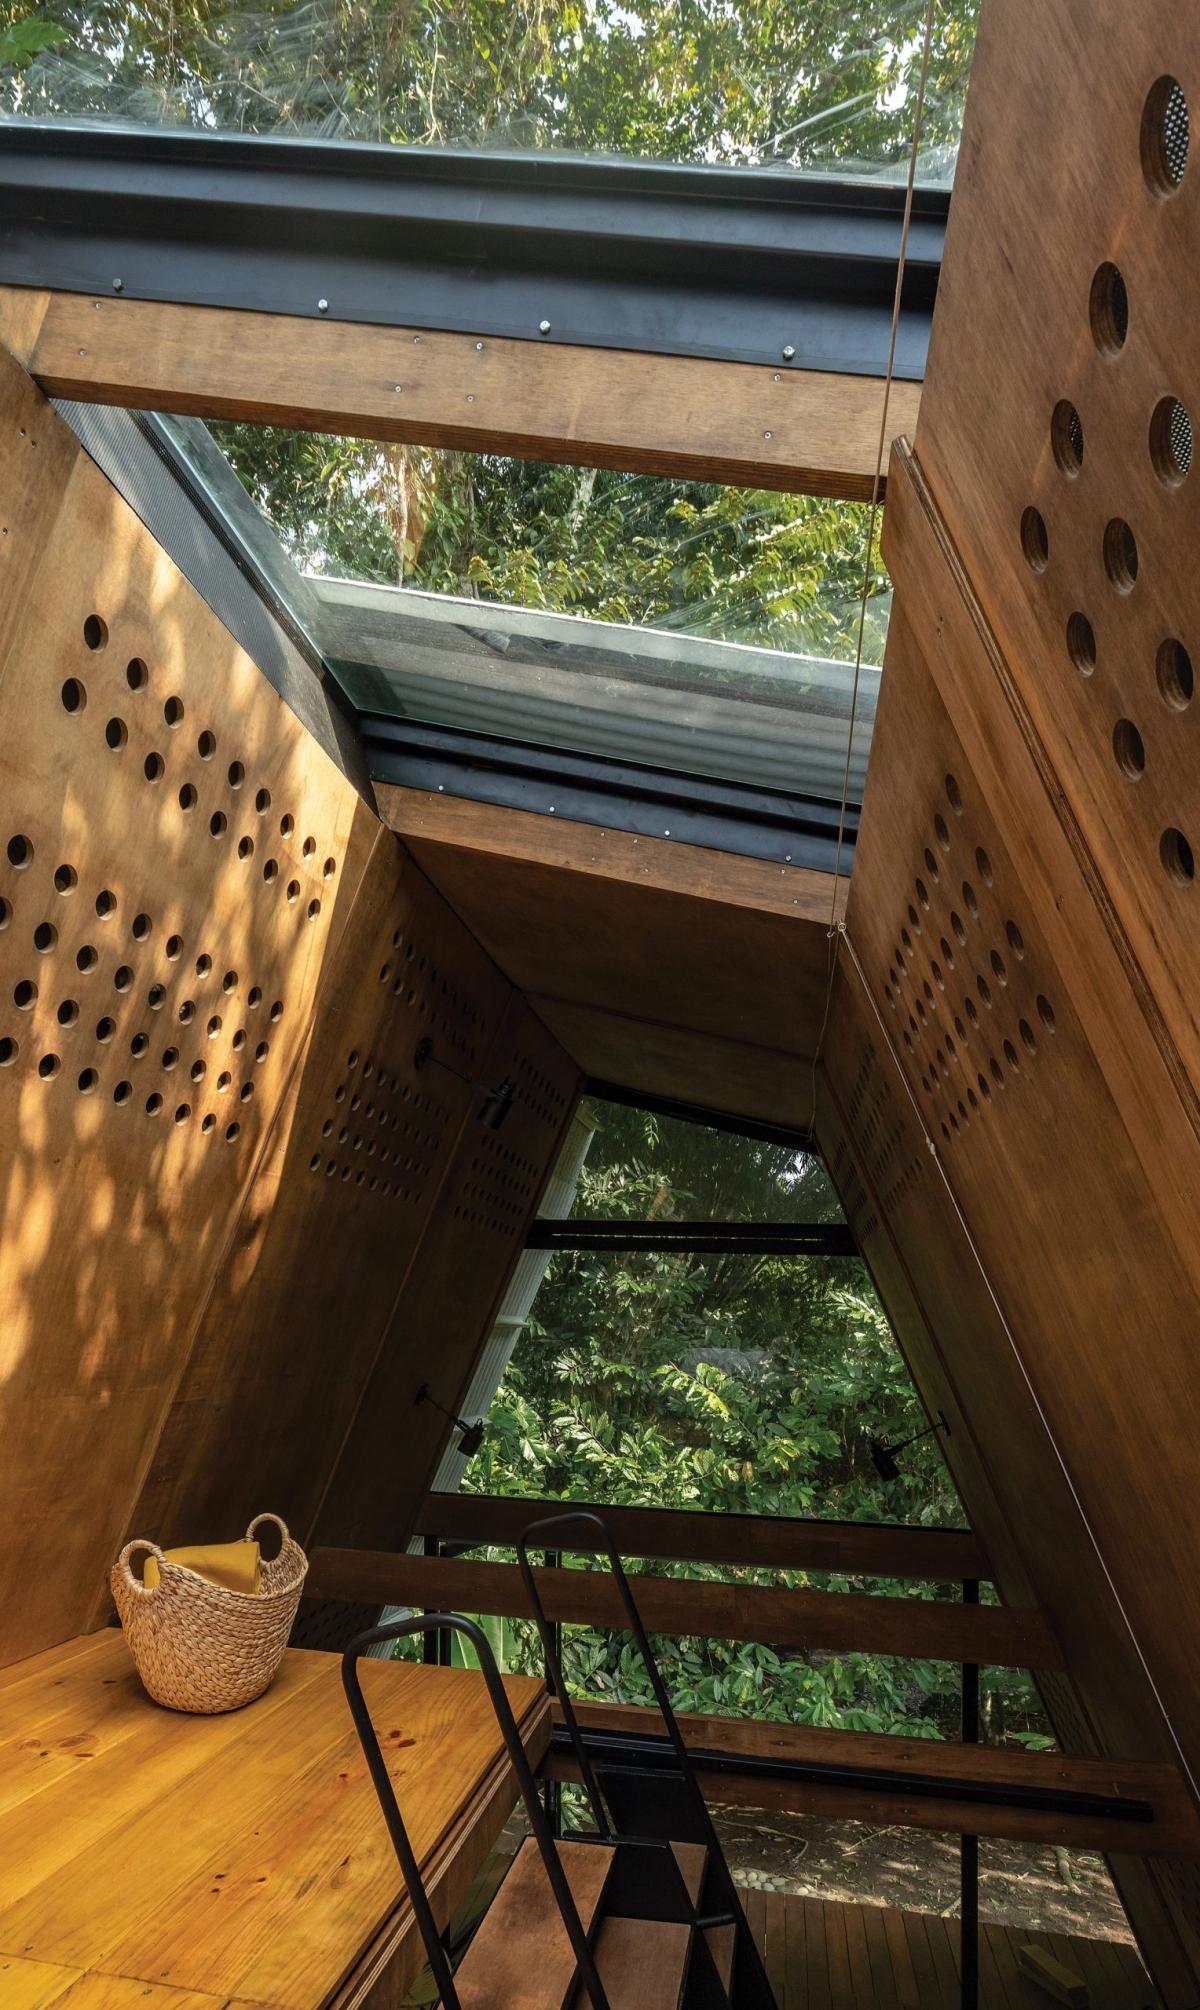 Ngoài ánh sáng từ kính phía trên, thì các lỗ hổng trên gỗ tạo lỗ thông gió. Đây là một góc thư giãn, đọc sách rất tuyệt vời.